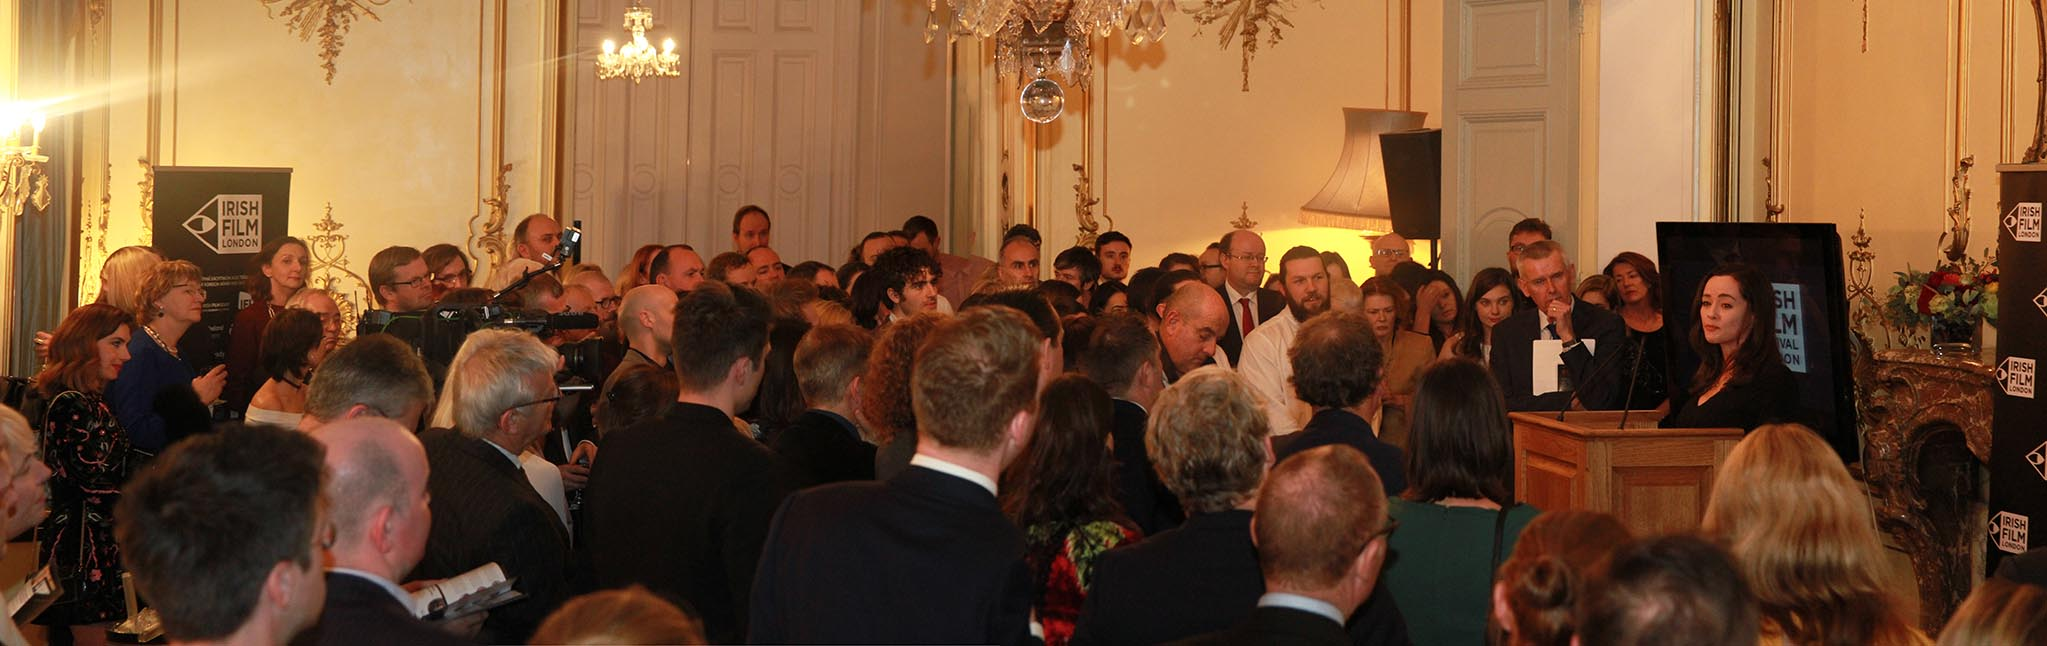 Irish Film London Awards 201